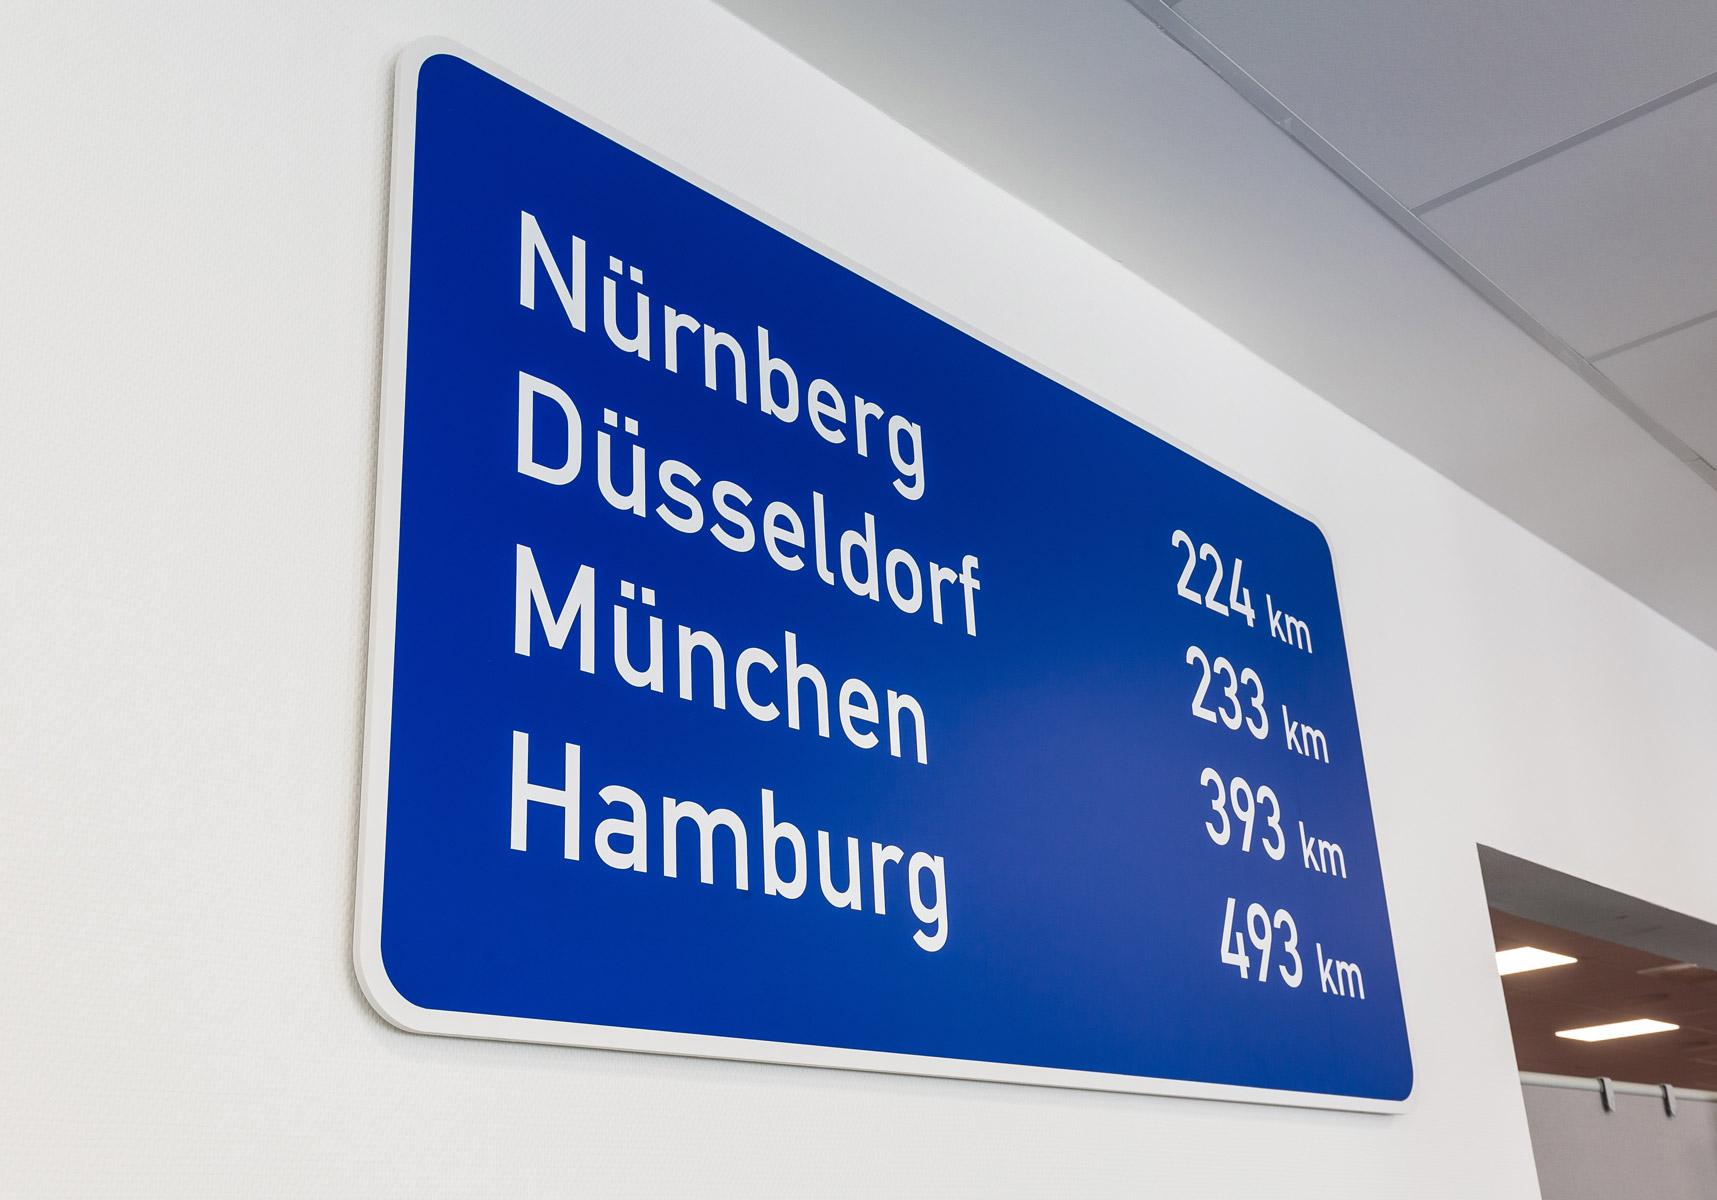 Agentur-für-Arbeit-Main-Biz-Erlebniswelt-Frankfurt-1717-1200_247